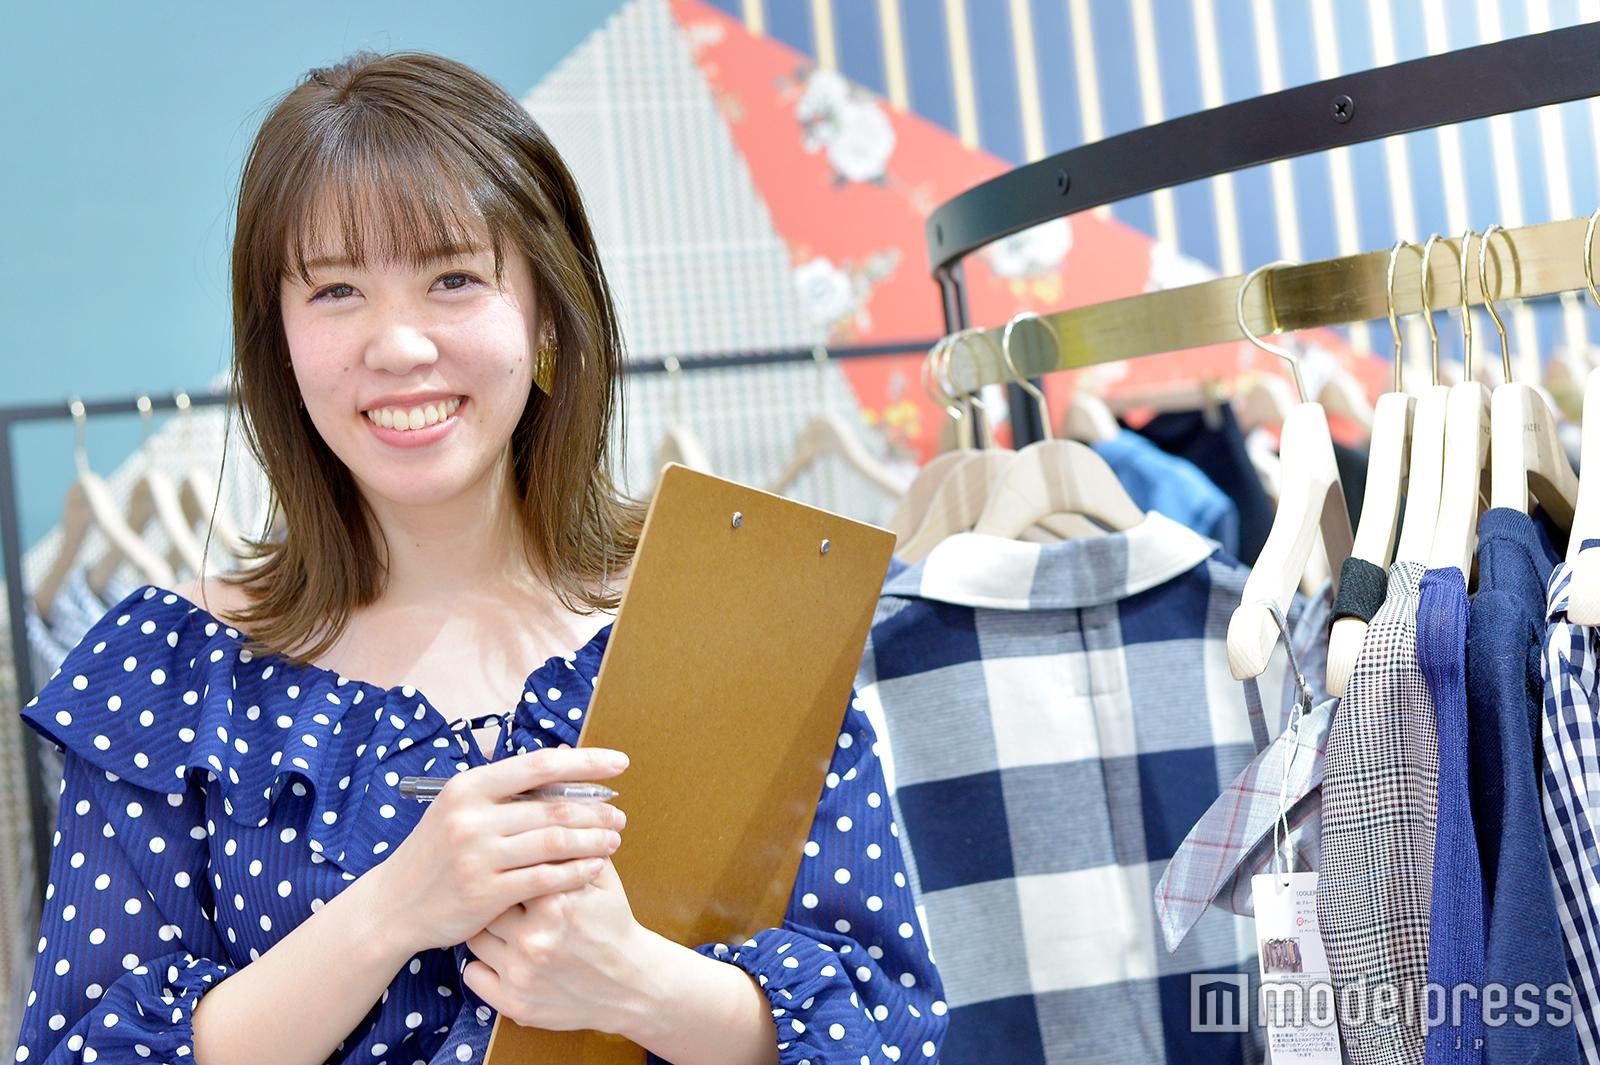 モデルプレスのインタビューに応じた小沢理紗さん(C)モデルプレス